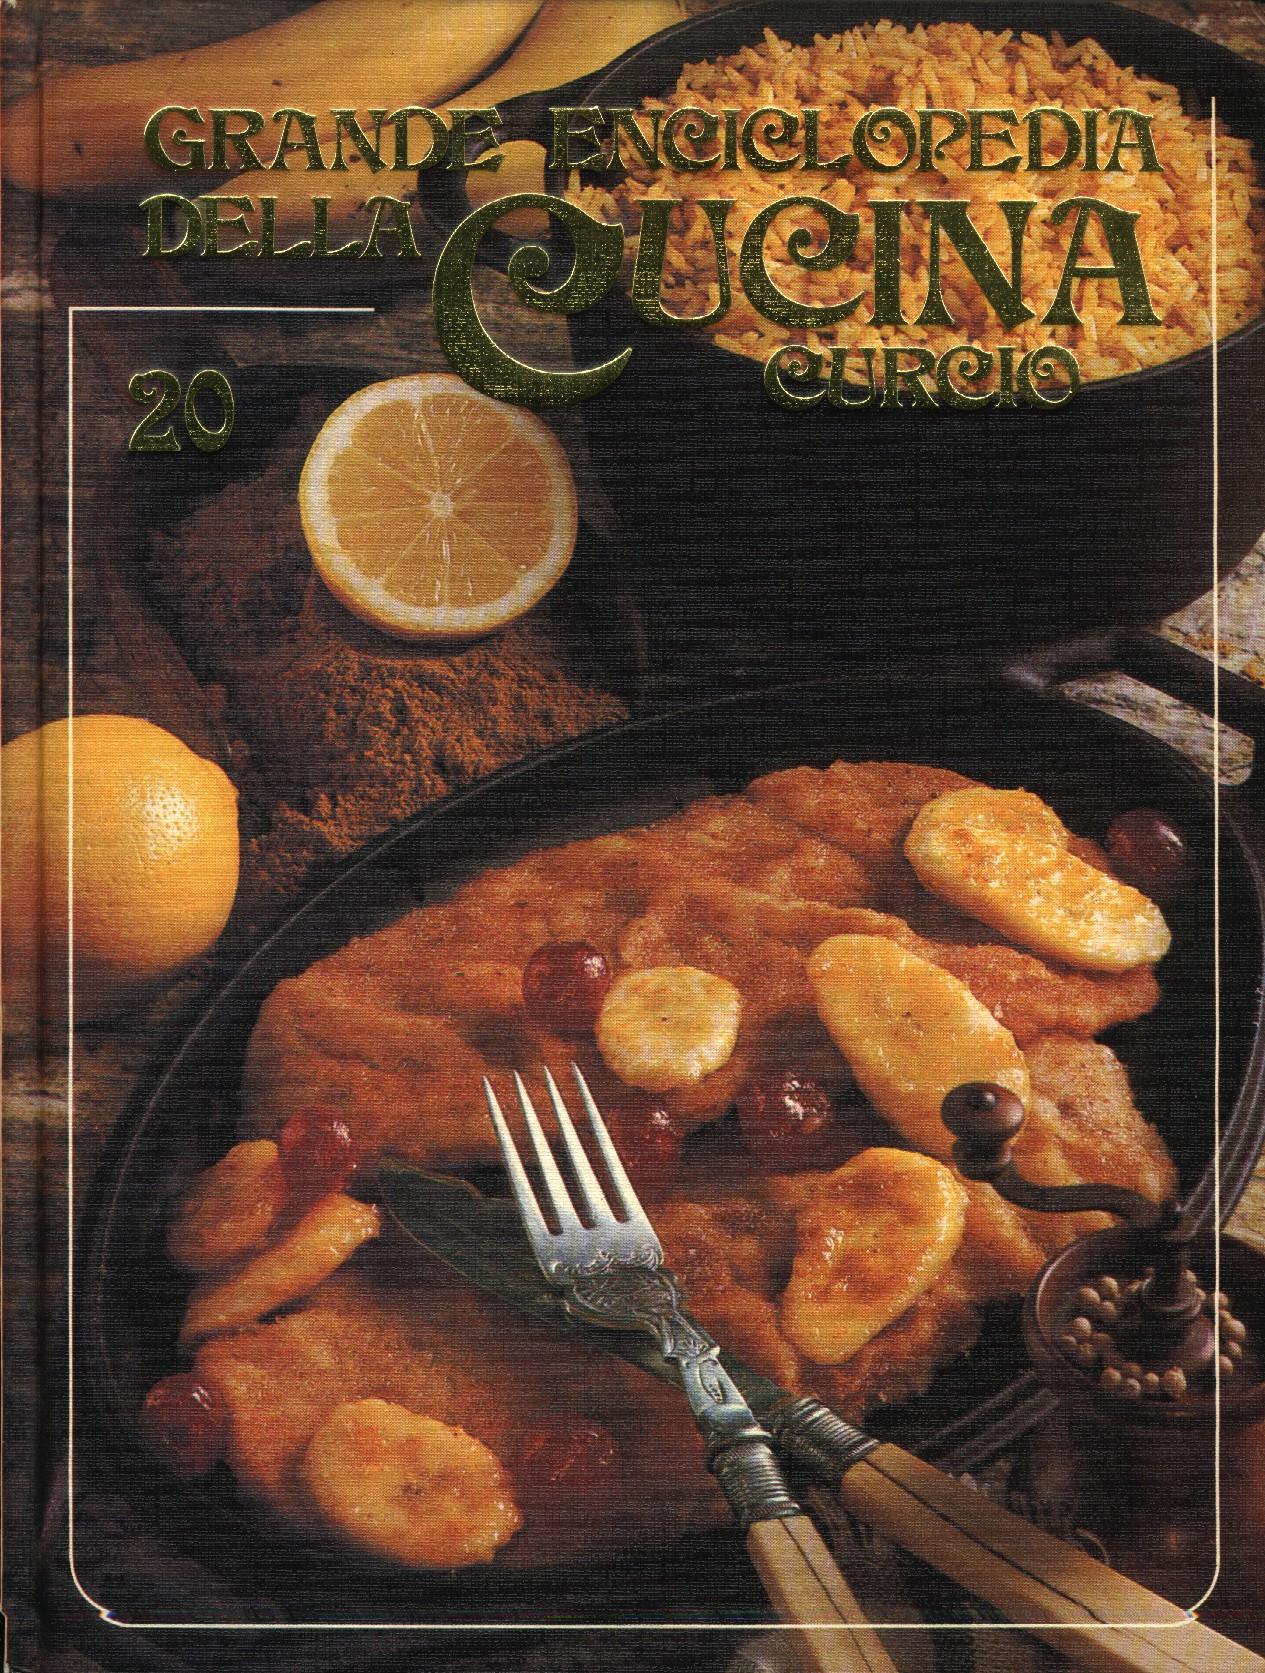 Grande Enciclopedia della Cucina Vol. 20 (sch-spa)